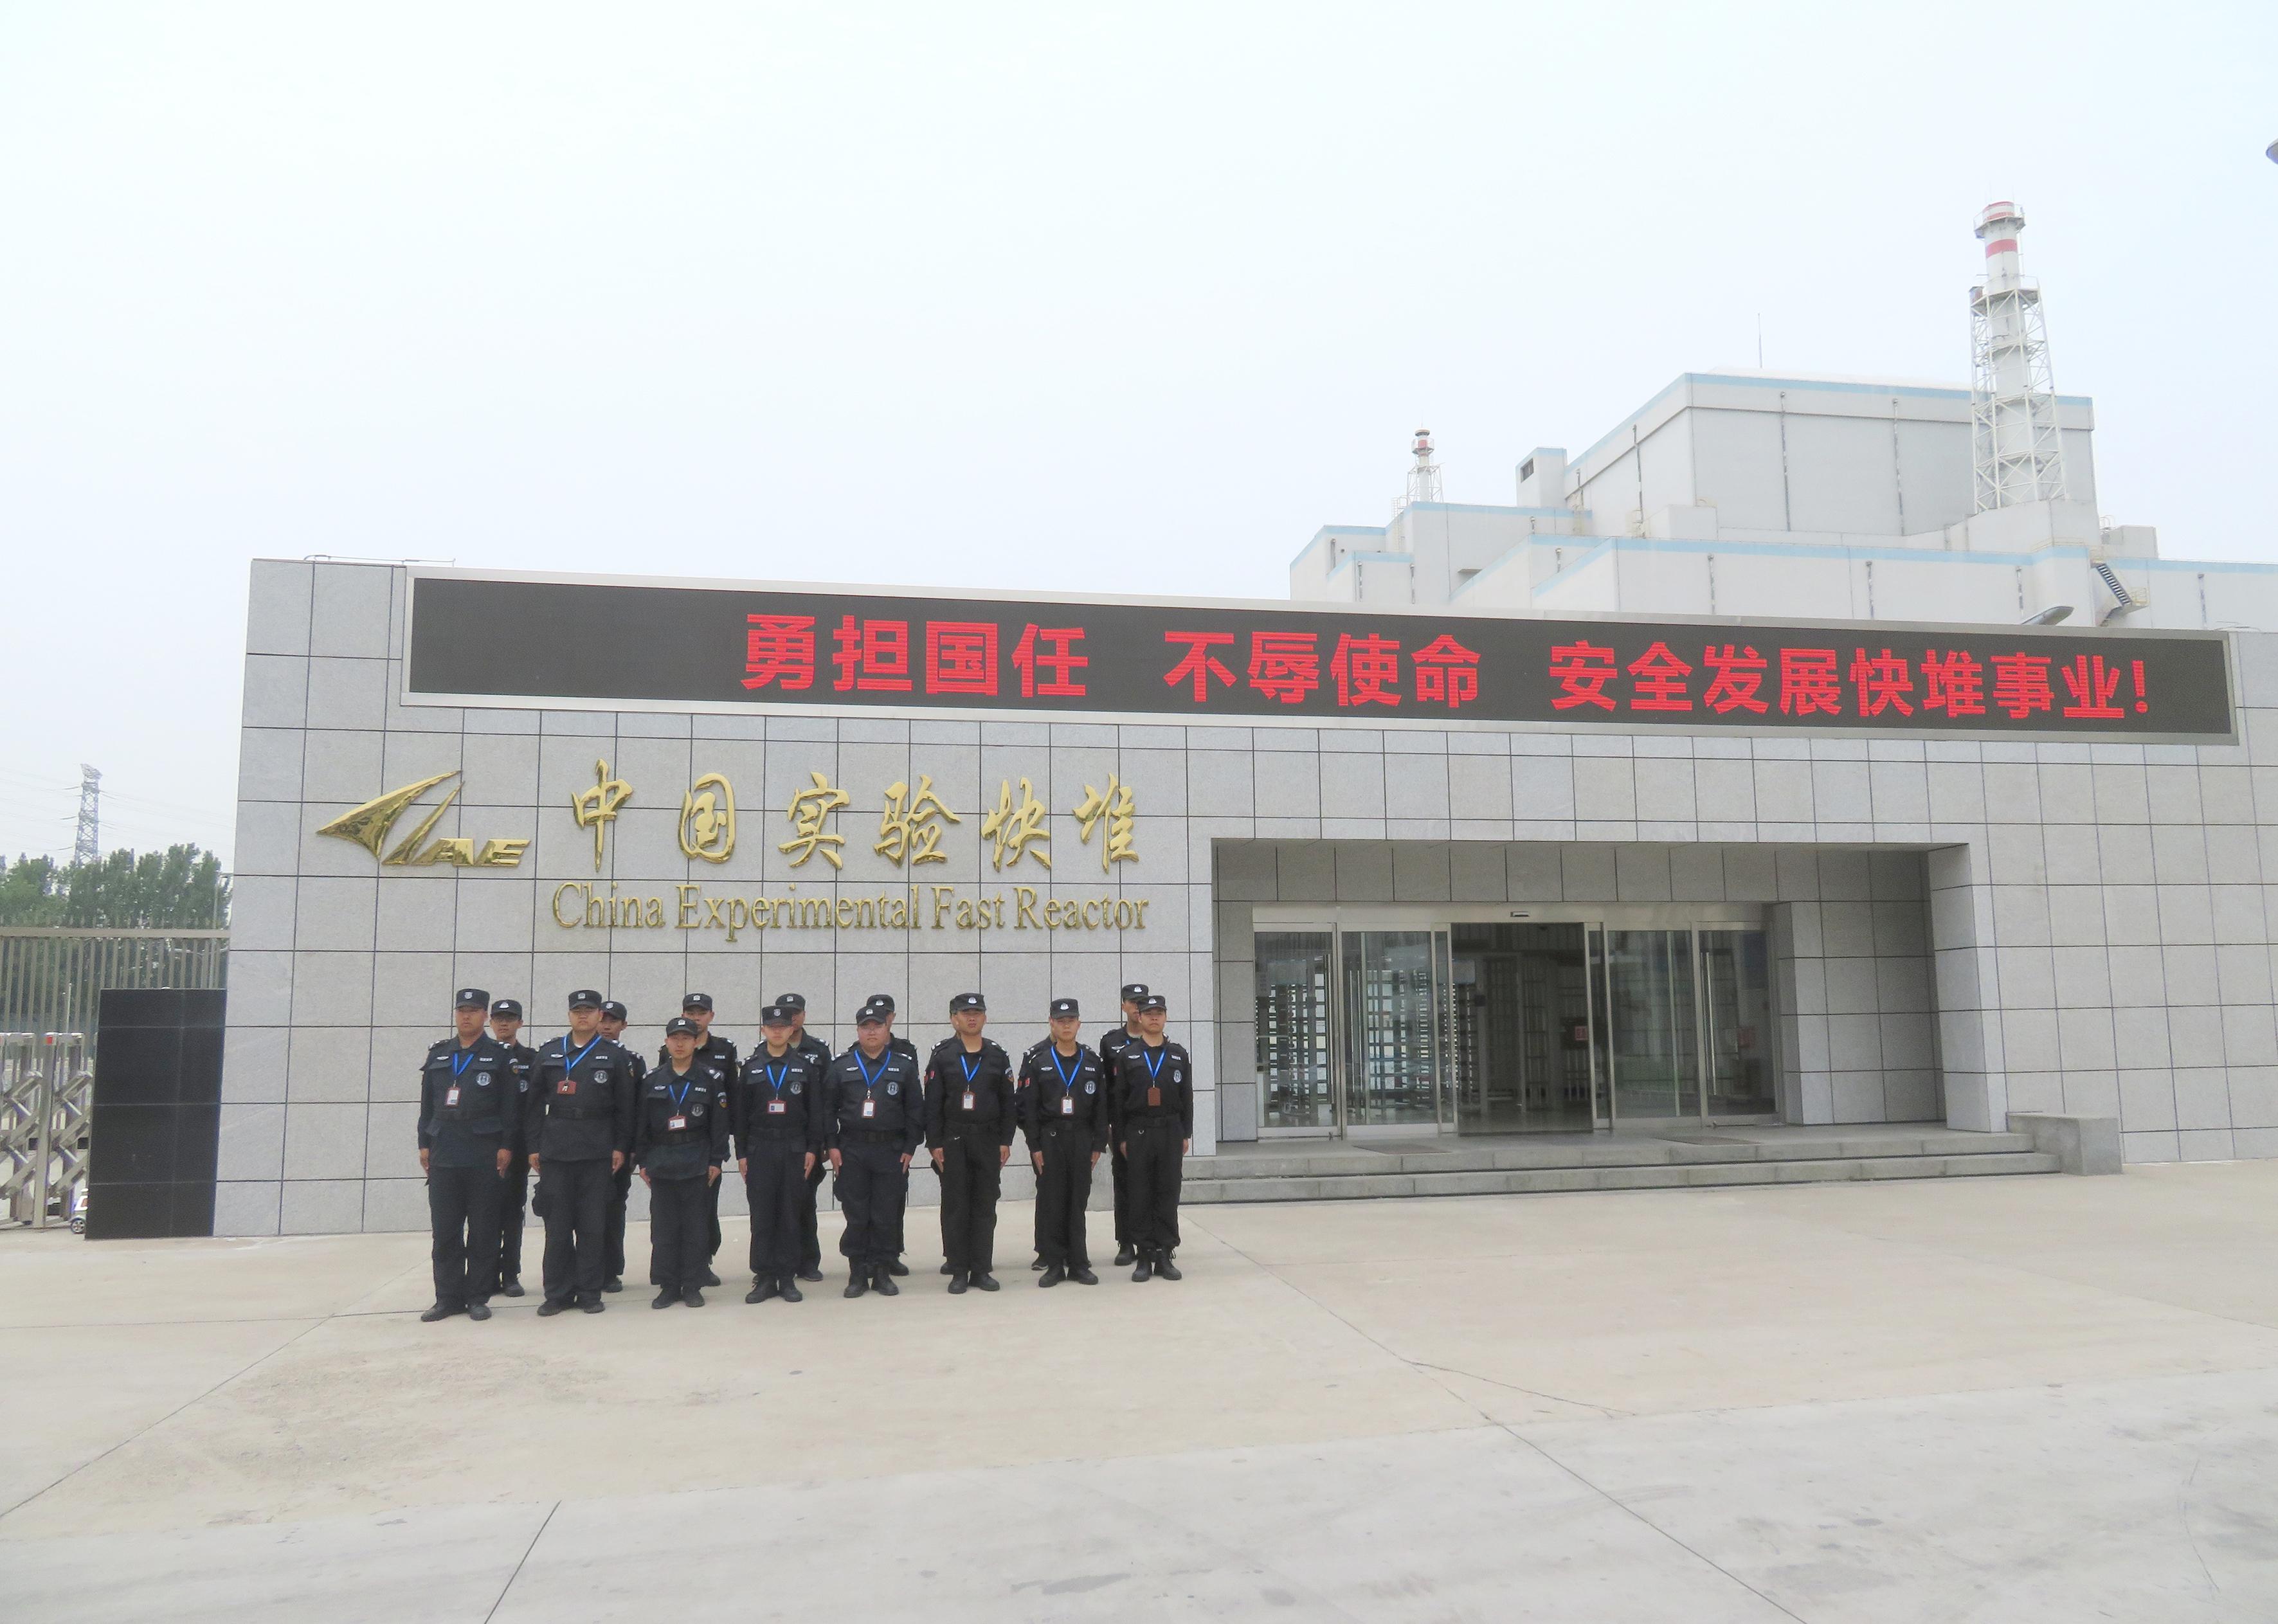 中 标 | 诚瑞达成功进驻中国原子能科学研究院中国实验快堆项目